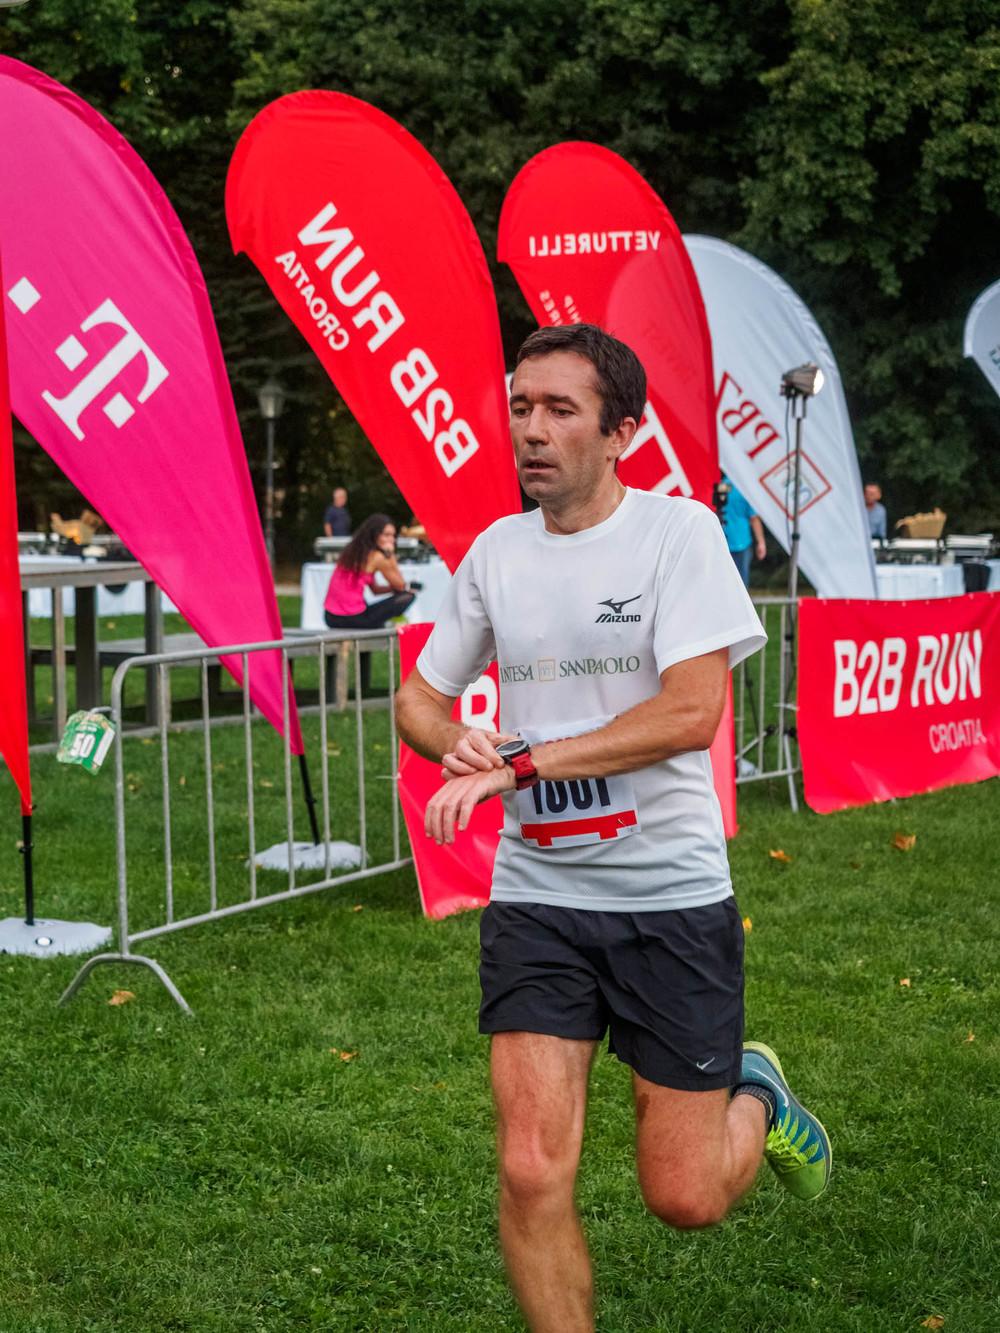 B2b Run-285.JPG